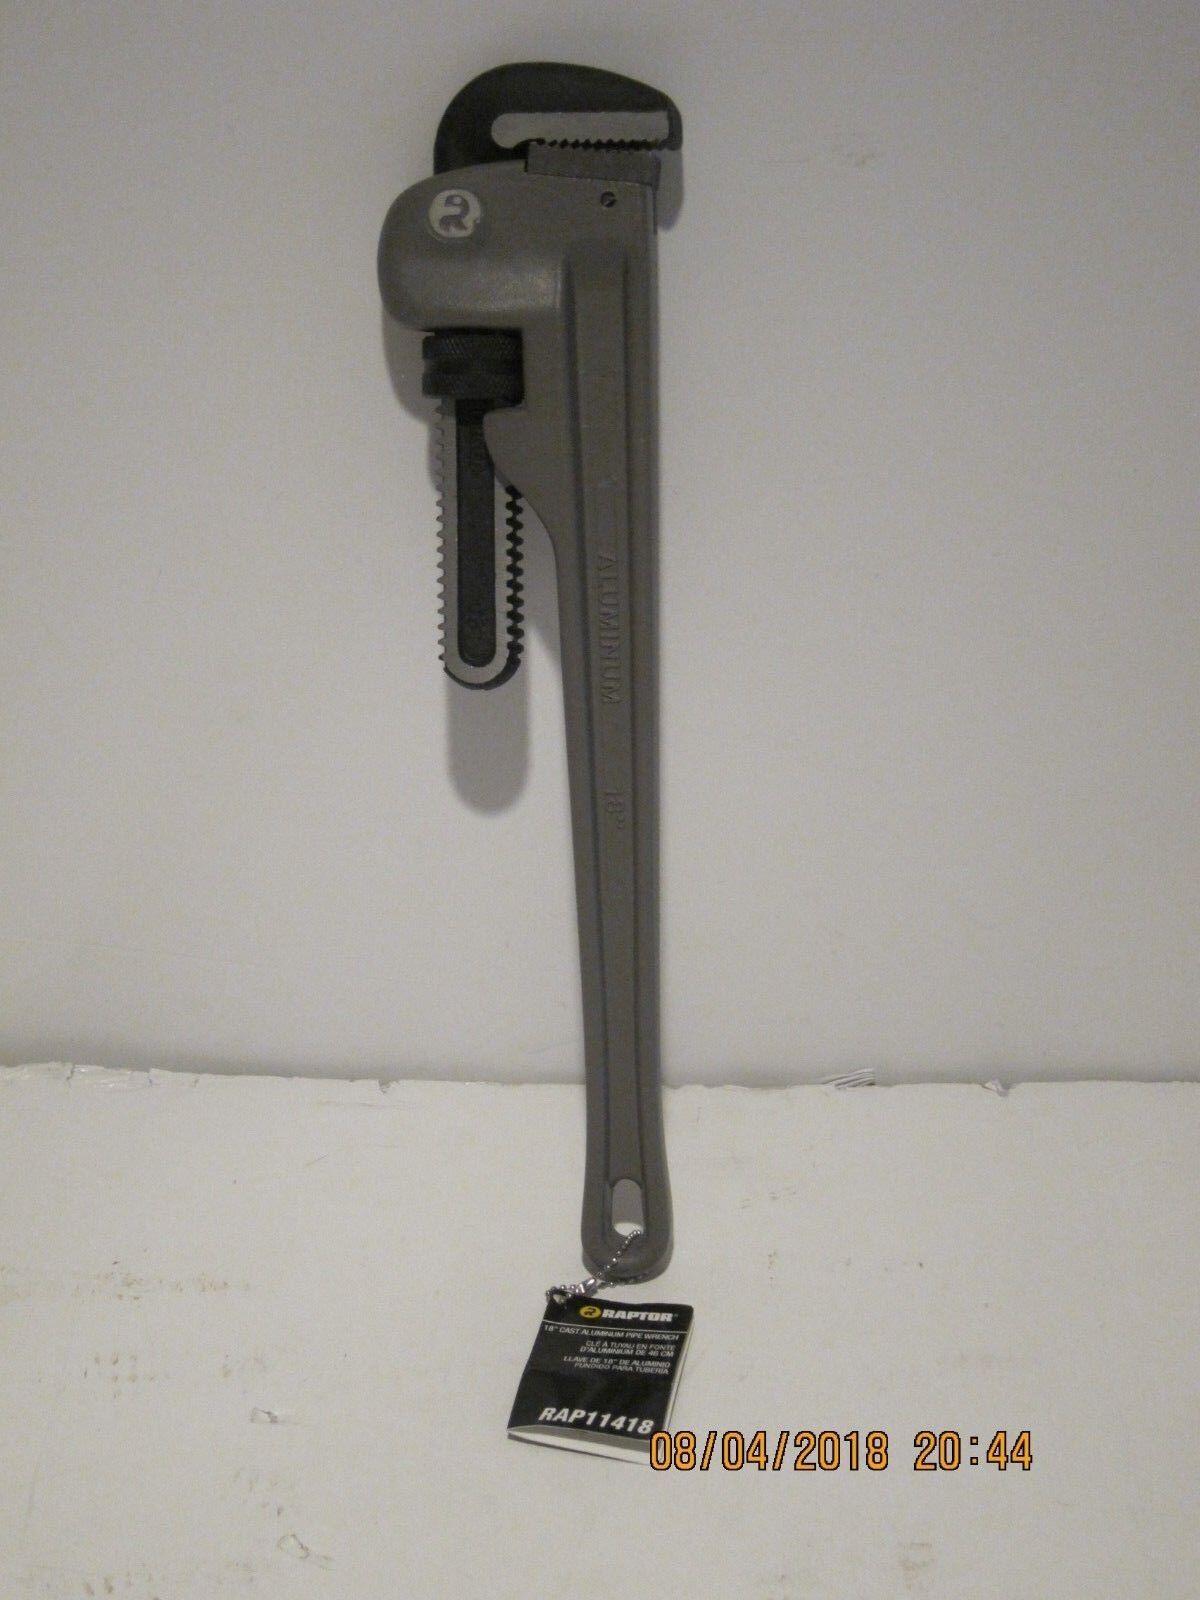 Raptor Tools RAP11418 Professional Grade 18